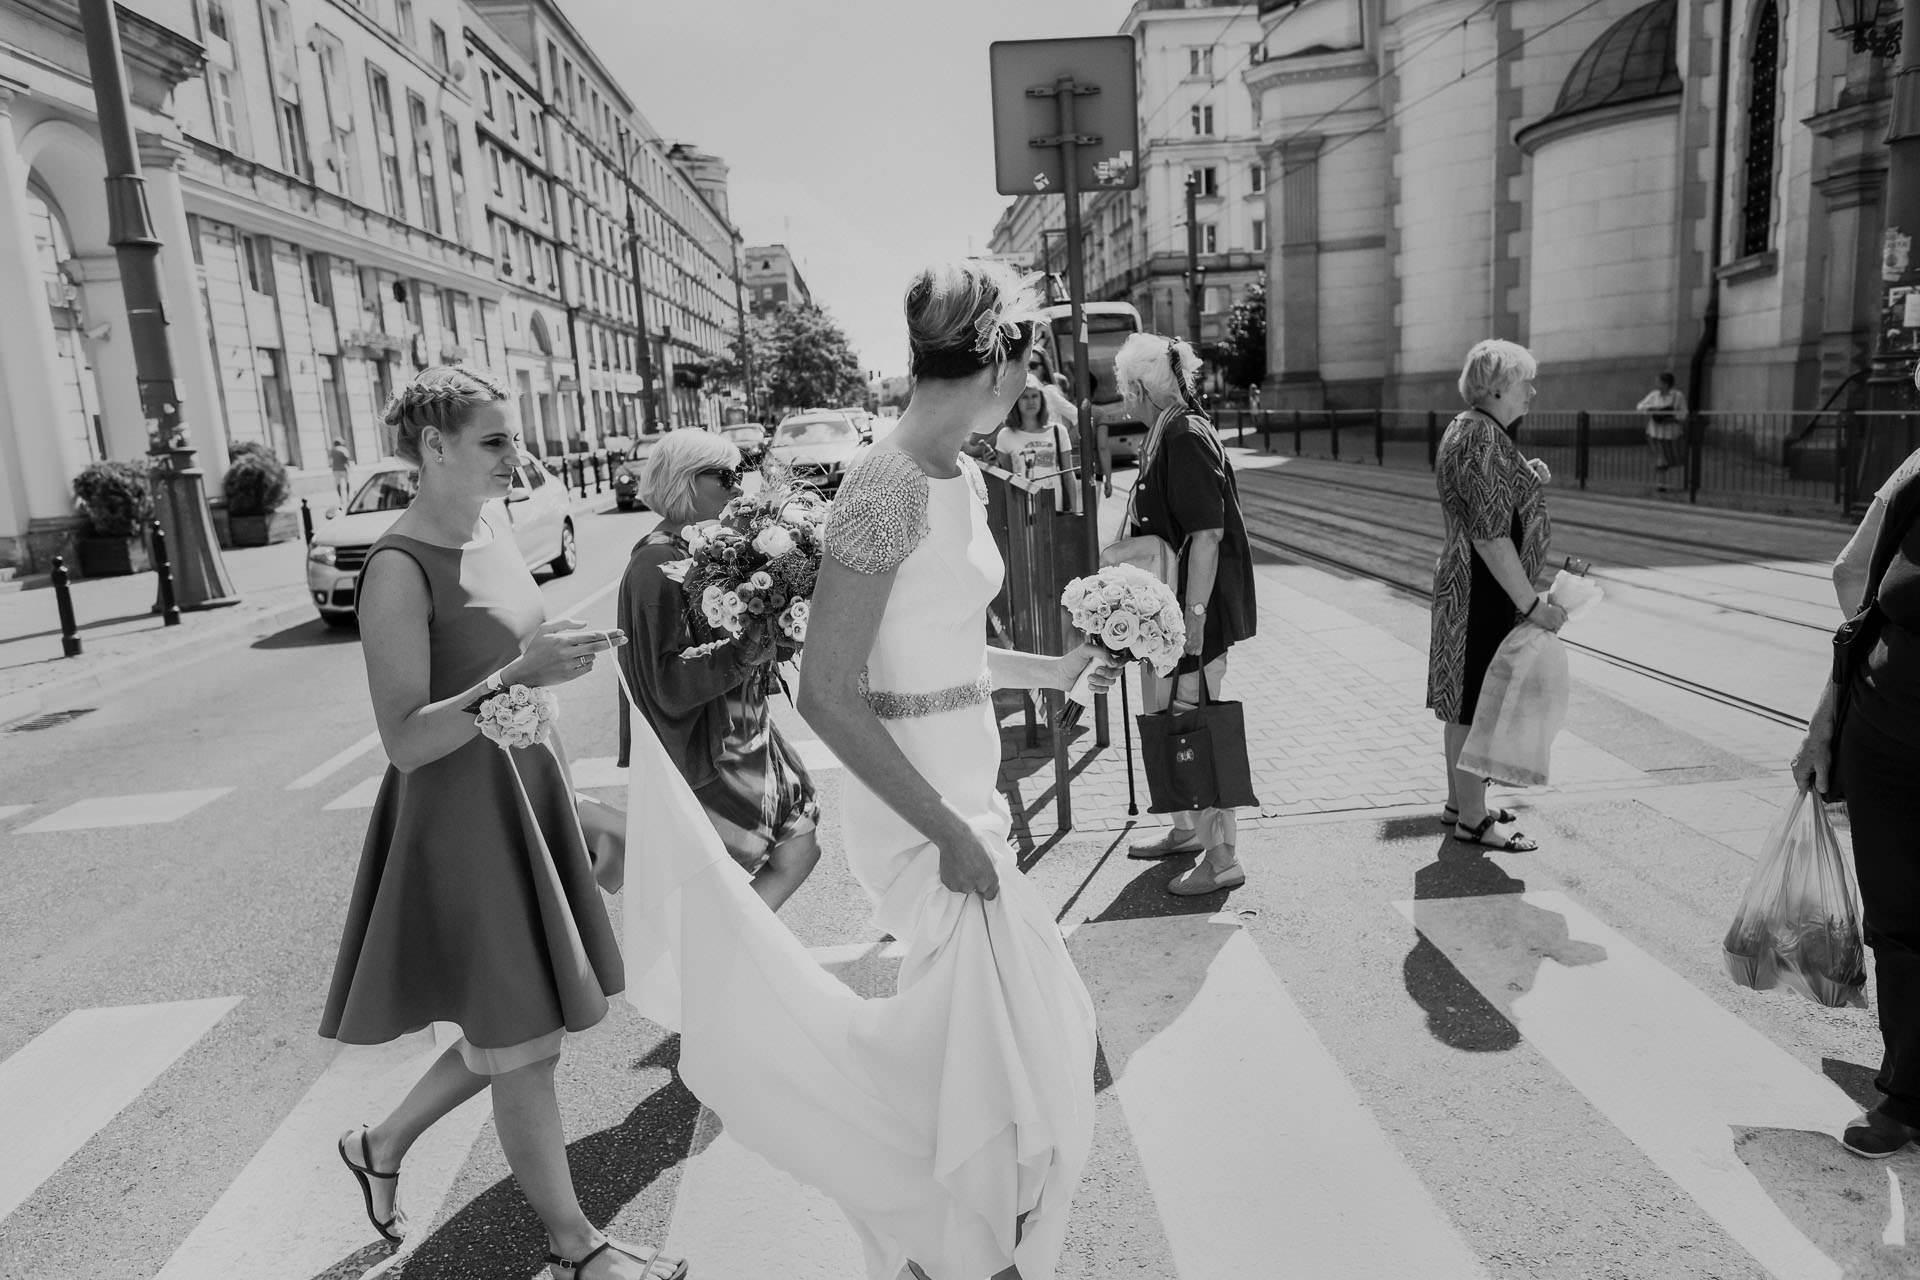 Fotografia ślubna Warszawa Plac Zbawiciela - Pana Młoda w drodze na swój ślub